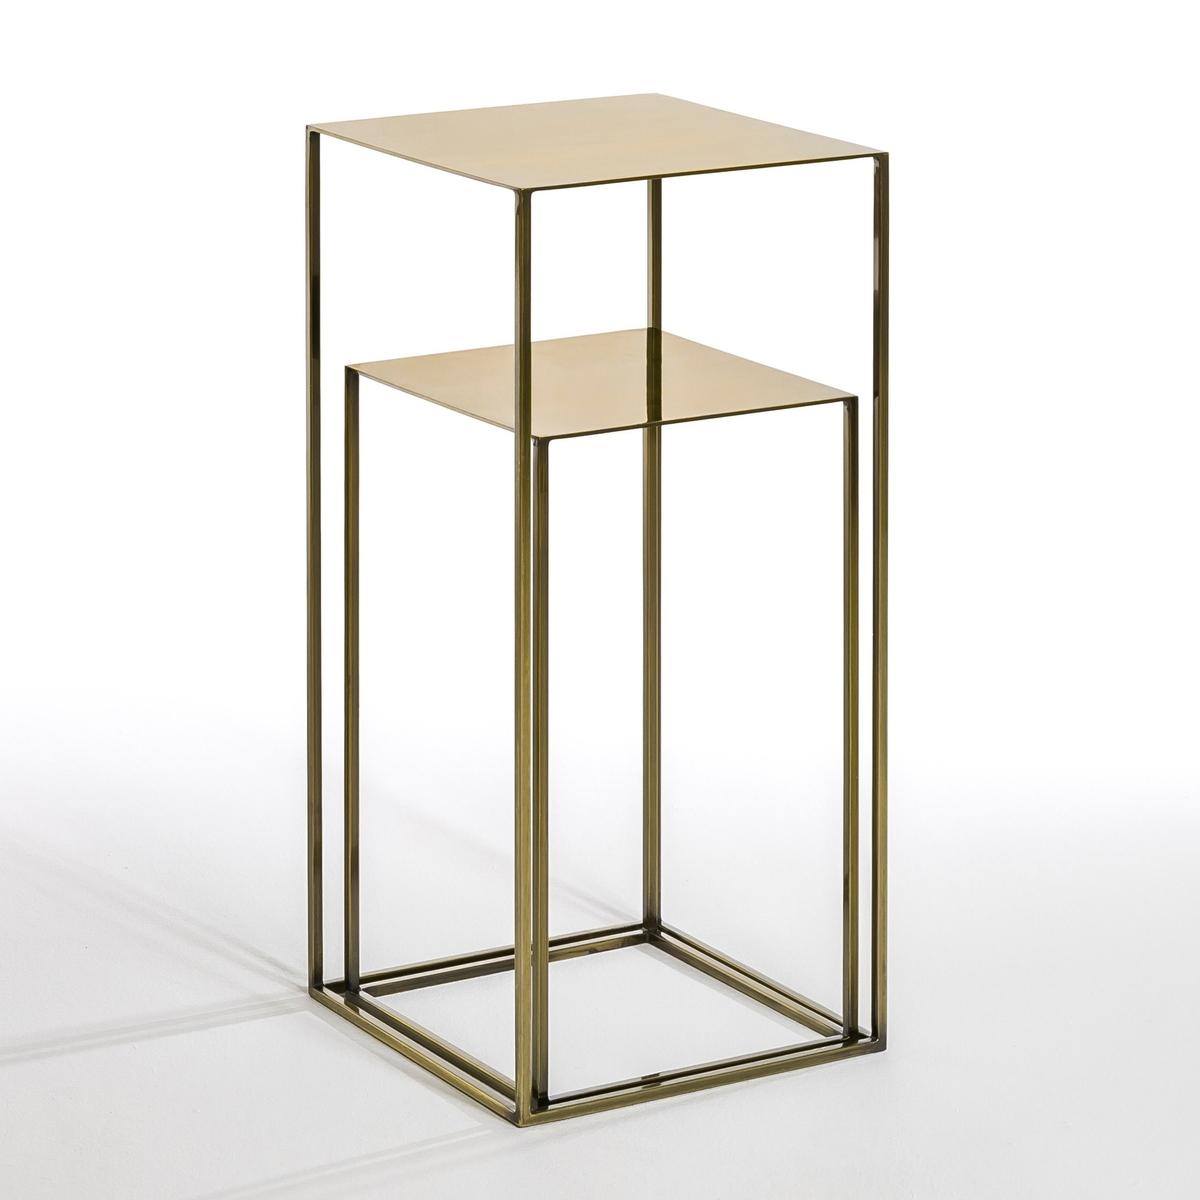 Комплект из 2-х столиков RomyКомплект из 2-х столиков Romy. Преимущества этой мебели - утонченные линии и современный стиль.  Металлические столики могут стоять рядом и создавать графичный эффект ступеней или могут стоять отдельно. Меньшая модель может служить журнальным или придиванным столиком.Характеристики:Из оцинкованного металла с отделкой латунью  под старину.Доставляется уже собранным.Размеры:- Д30 x В54 x Ш30 см и Д34 x В74 x Ш34 см.Размеры и вес упаковки:- Д41,5 x В79,5 x Ш41,5 см, 16,5 кг.<br><br>Цвет: латунь